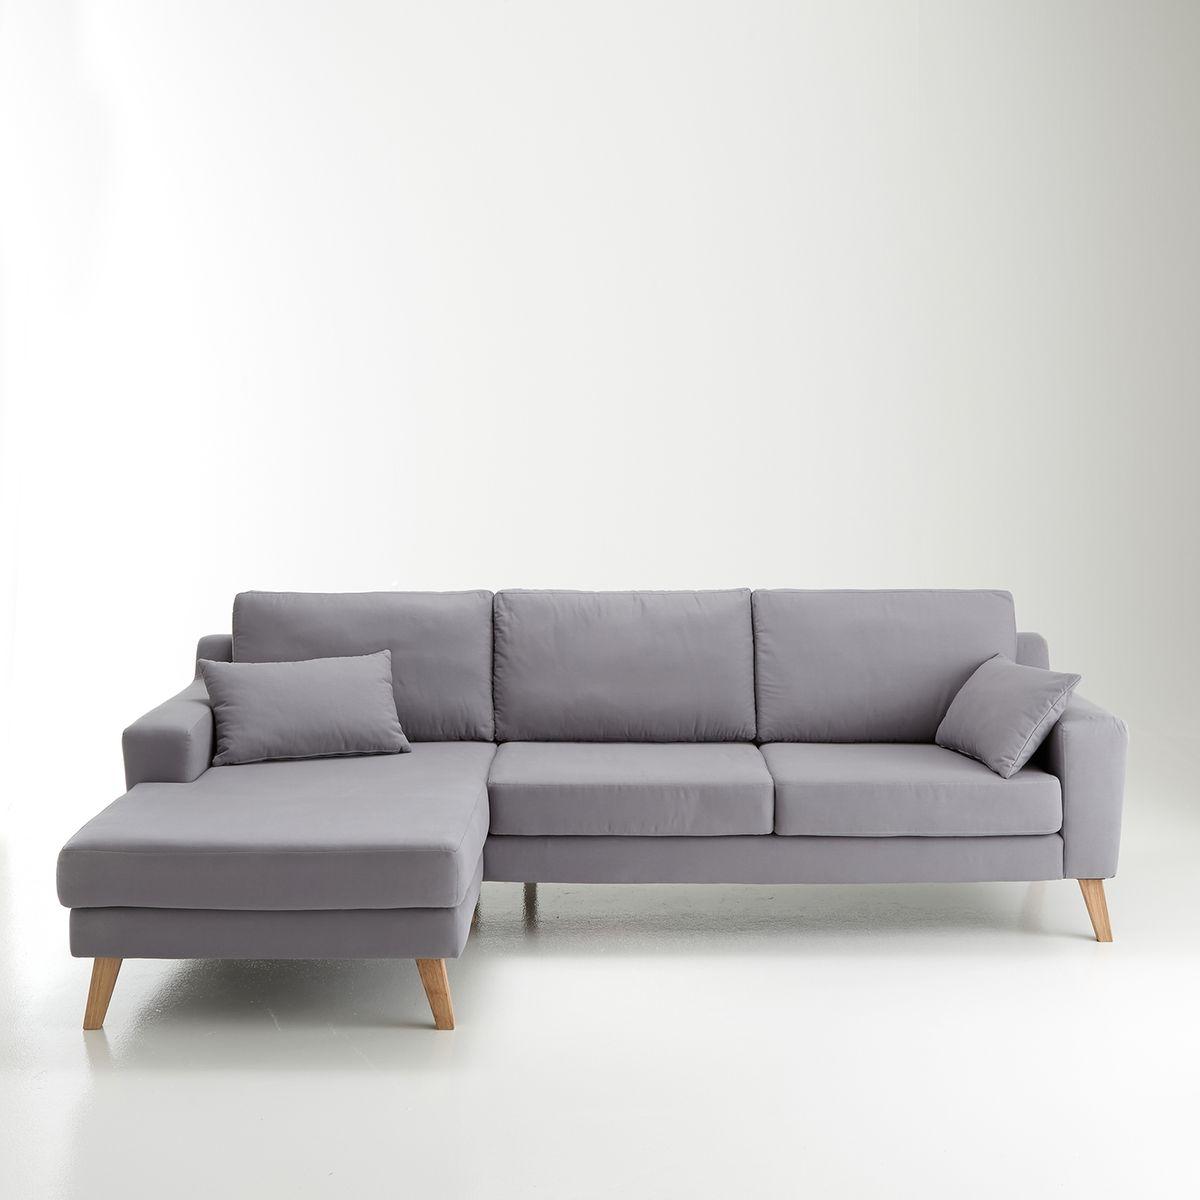 canape d angle les moins chers de notre comparateur de prix. Black Bedroom Furniture Sets. Home Design Ideas